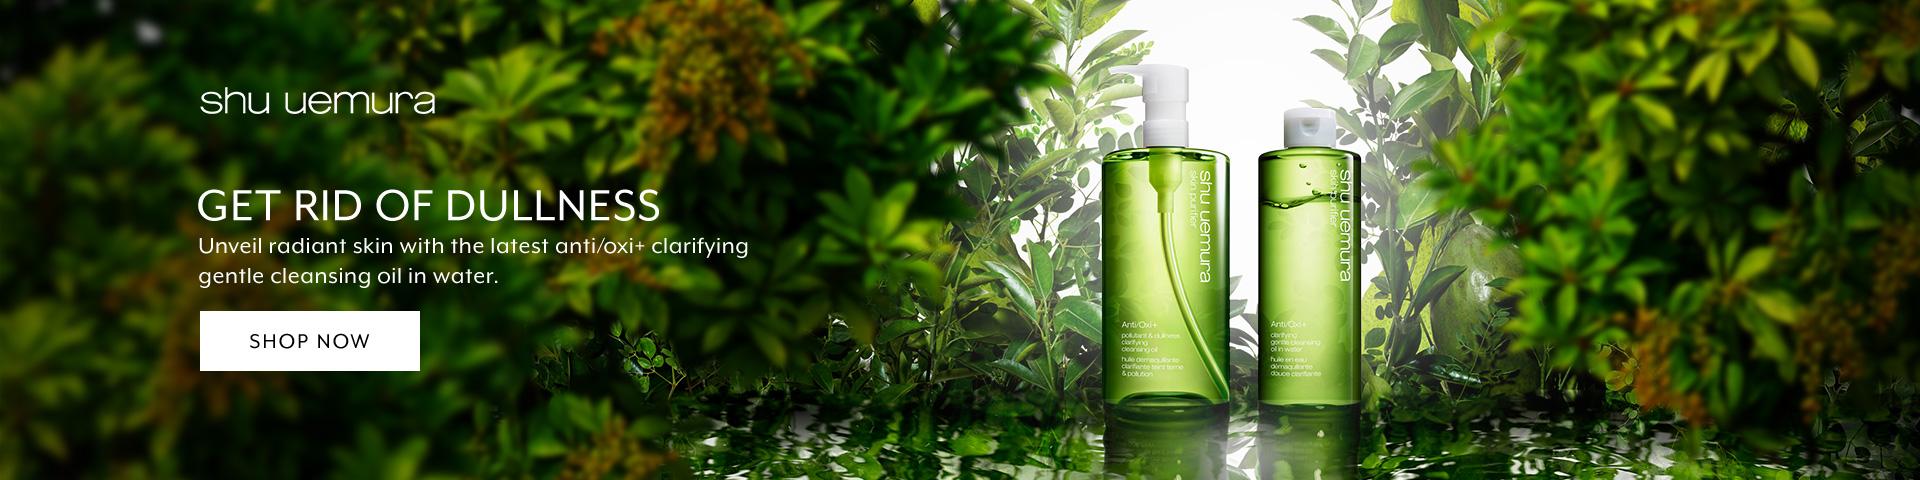 �ล�าร���หารู��า�สำหรั� Shu Uemura Skin Purifier Anti/Oxi+ Pollutant & Dullness Clarifying Cleansing Oil